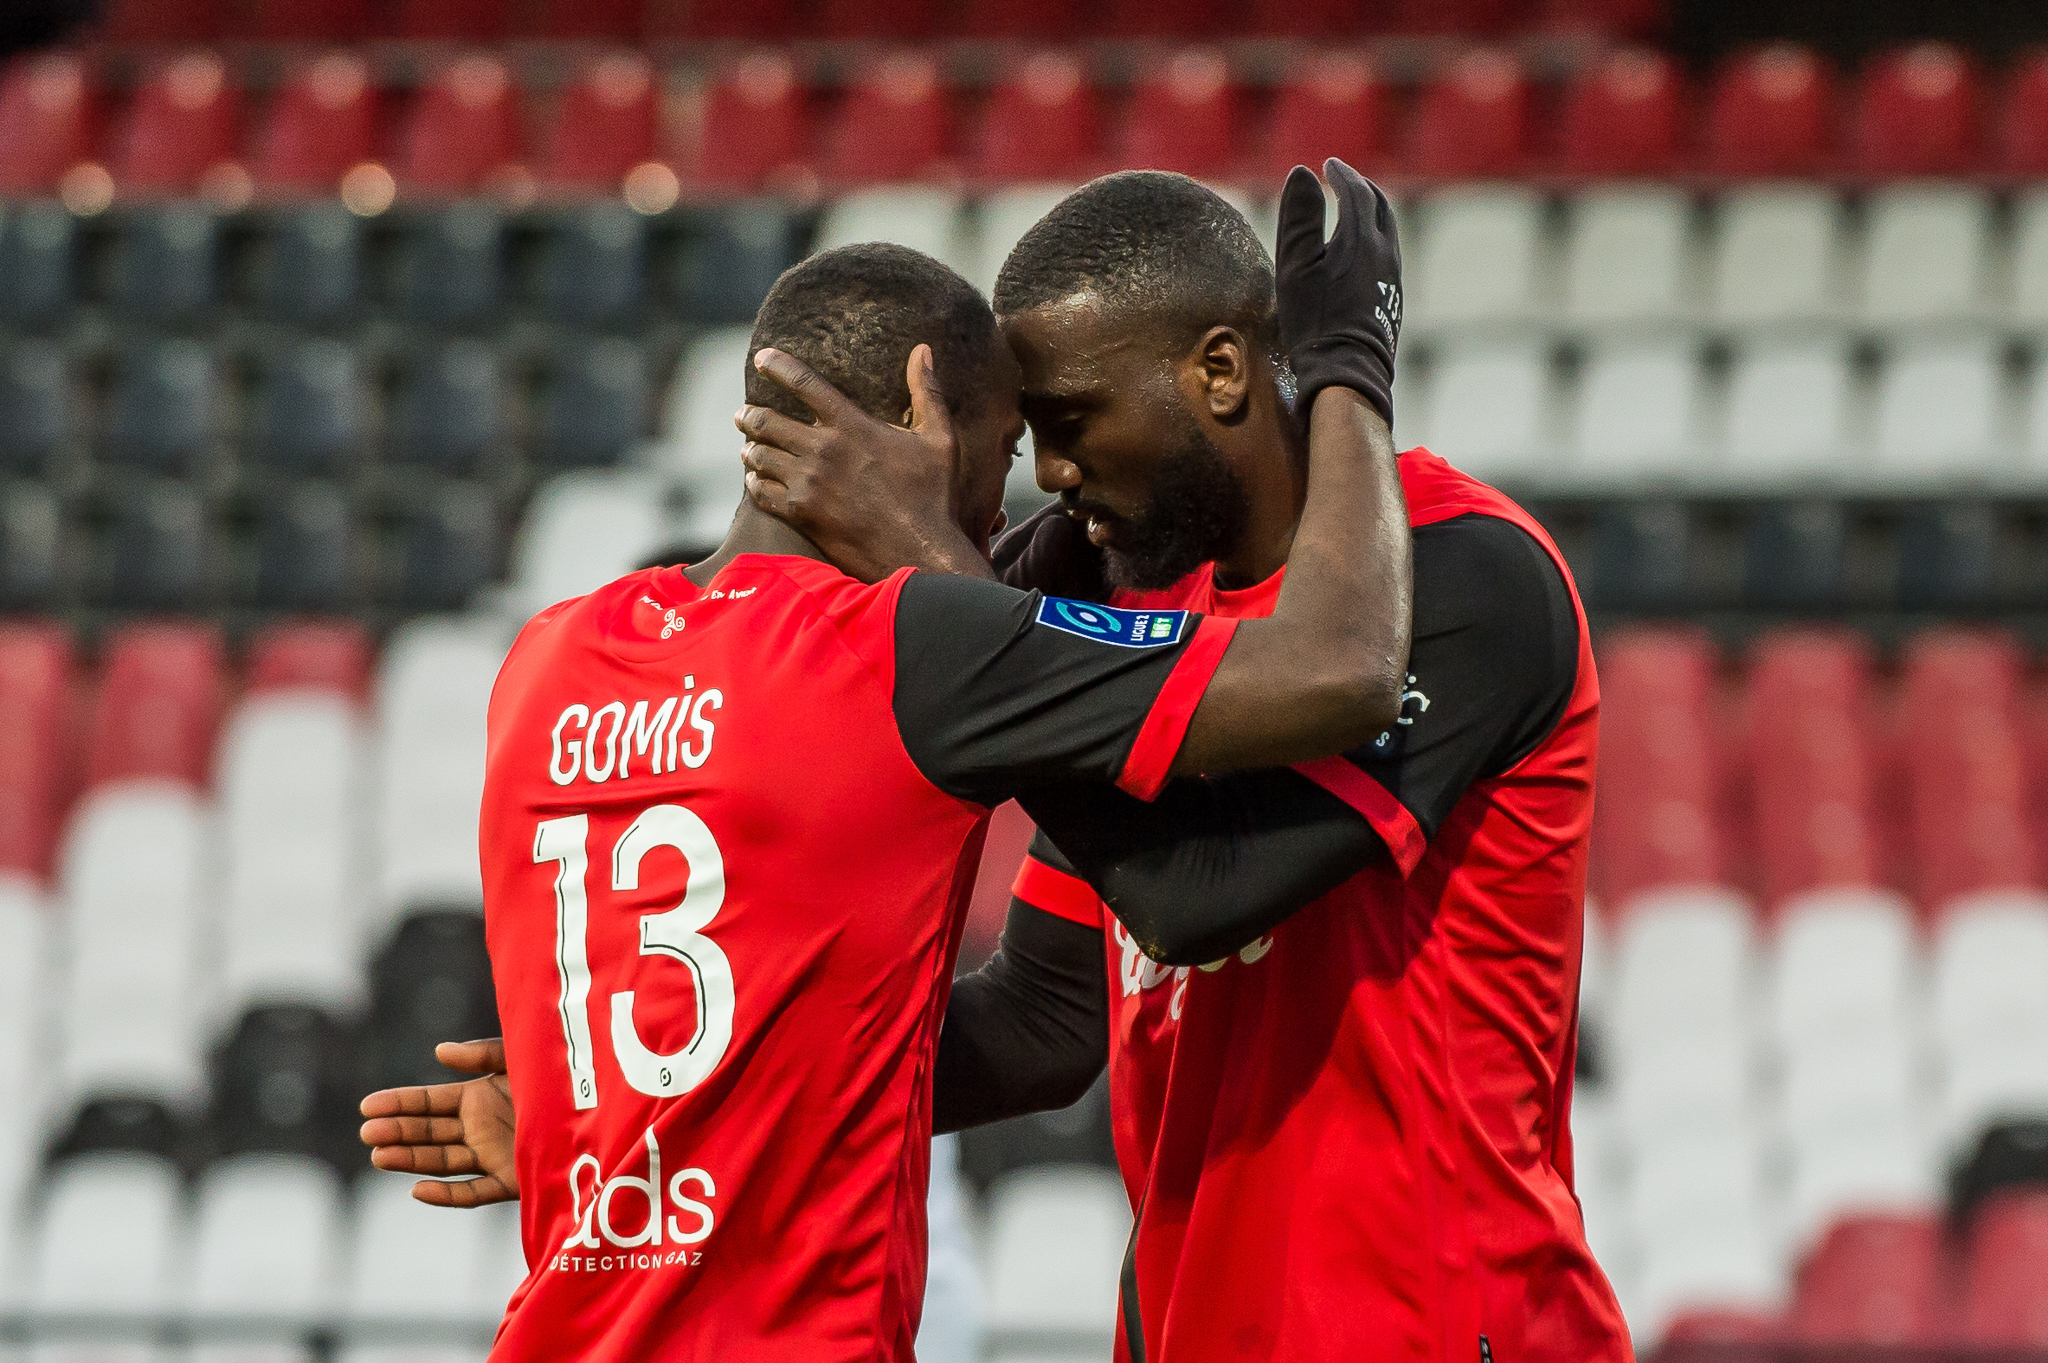 EA Guingamp La Berrichonne Châteauroux J37 Ligue 2 BKT EAGLBC 2-0 Stade de Roudourou FRA_5647